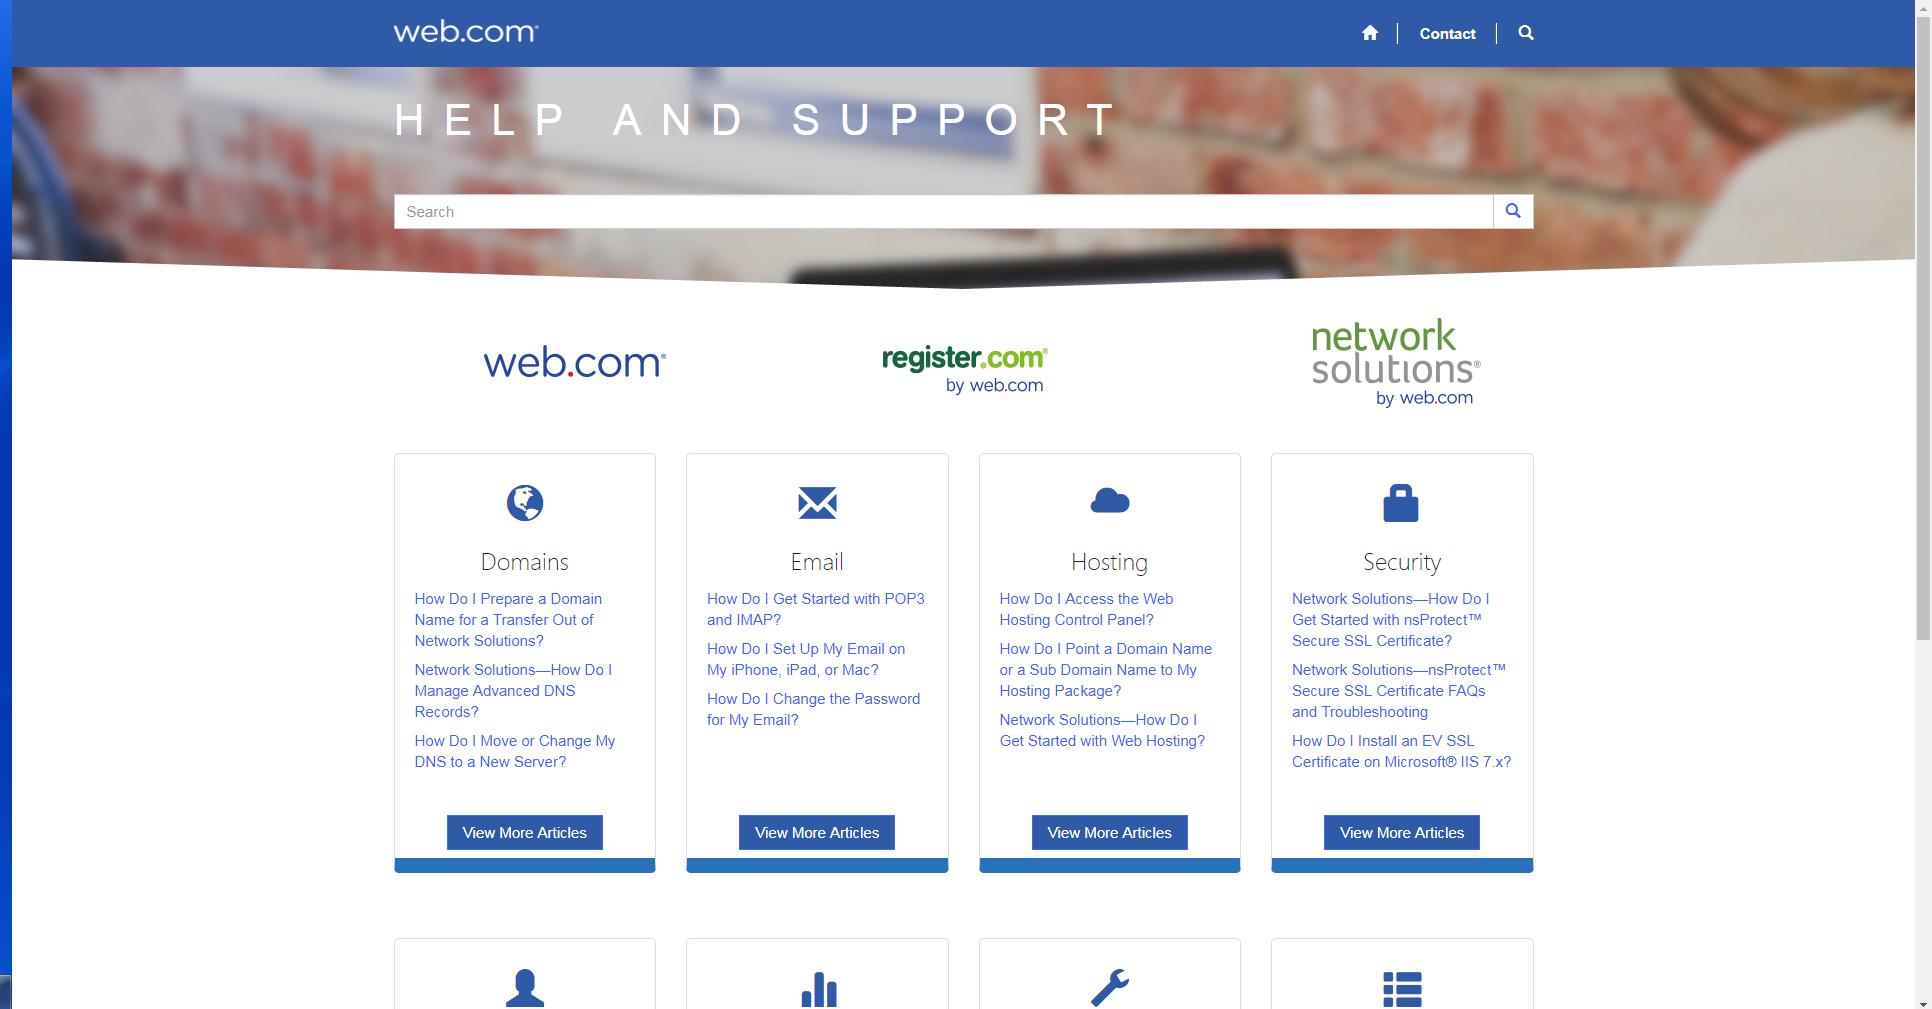 web.com help center